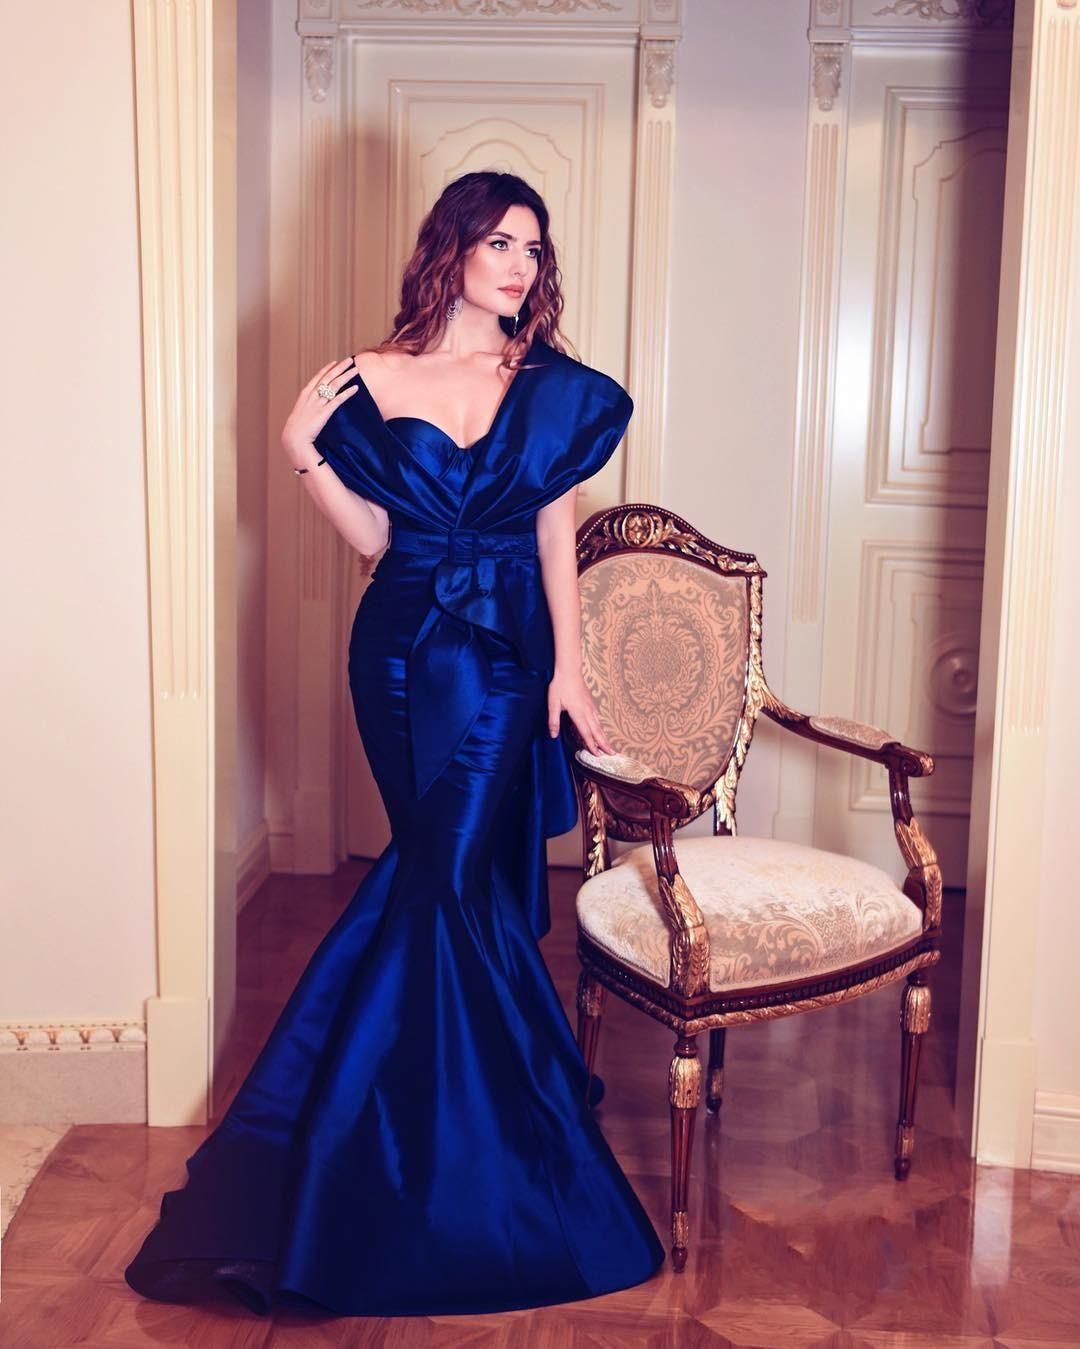 promo code d0aef bf813 Economici abiti da sera lunghi blu scuro sexy off spalla increspato  increspato sirena formale vestito da promenade Arabia Saudita celebrità  abiti da ...